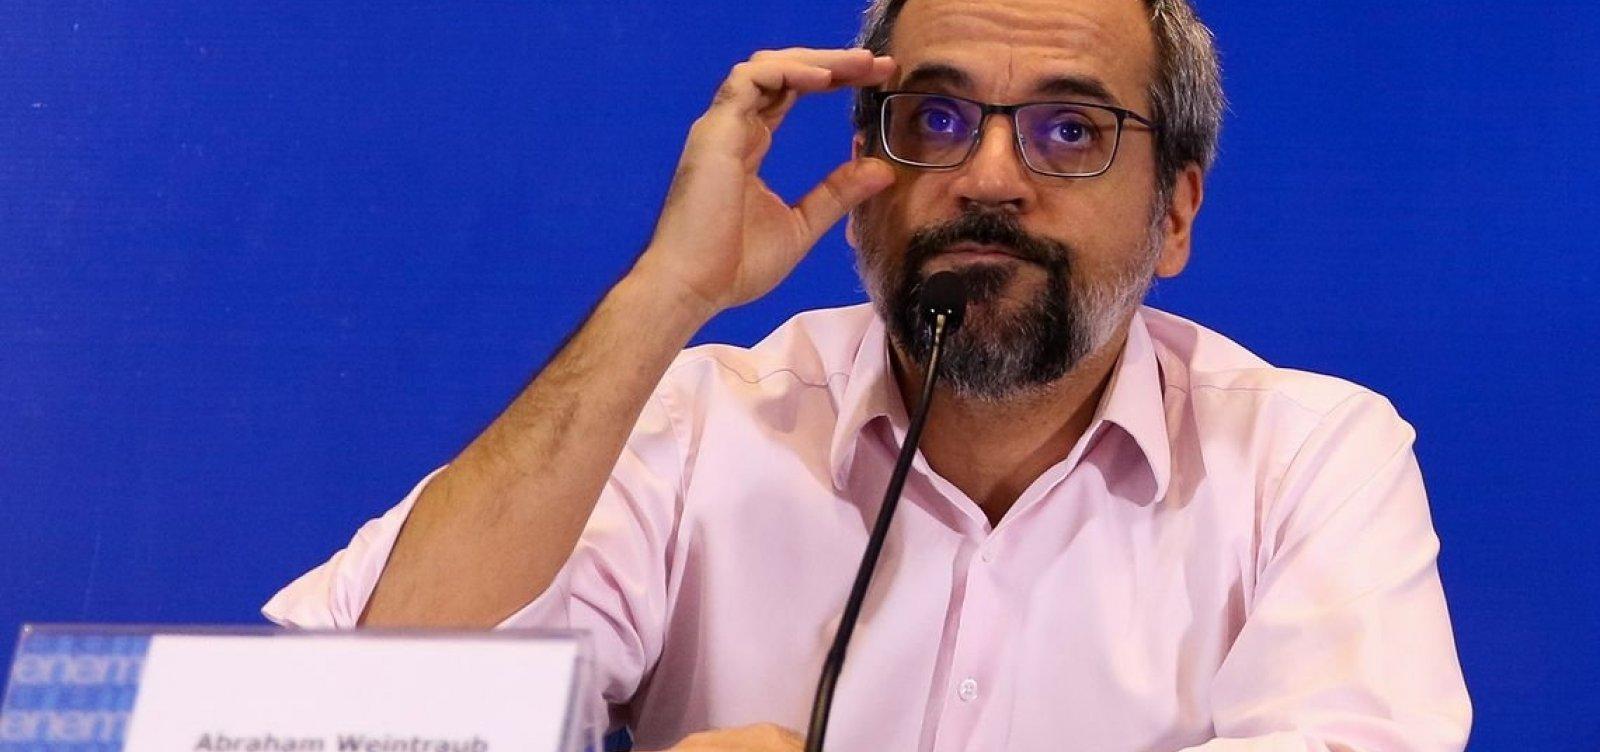 'Enem não é para polemizar', diz ministro sobre falta de questões sobre ditadura